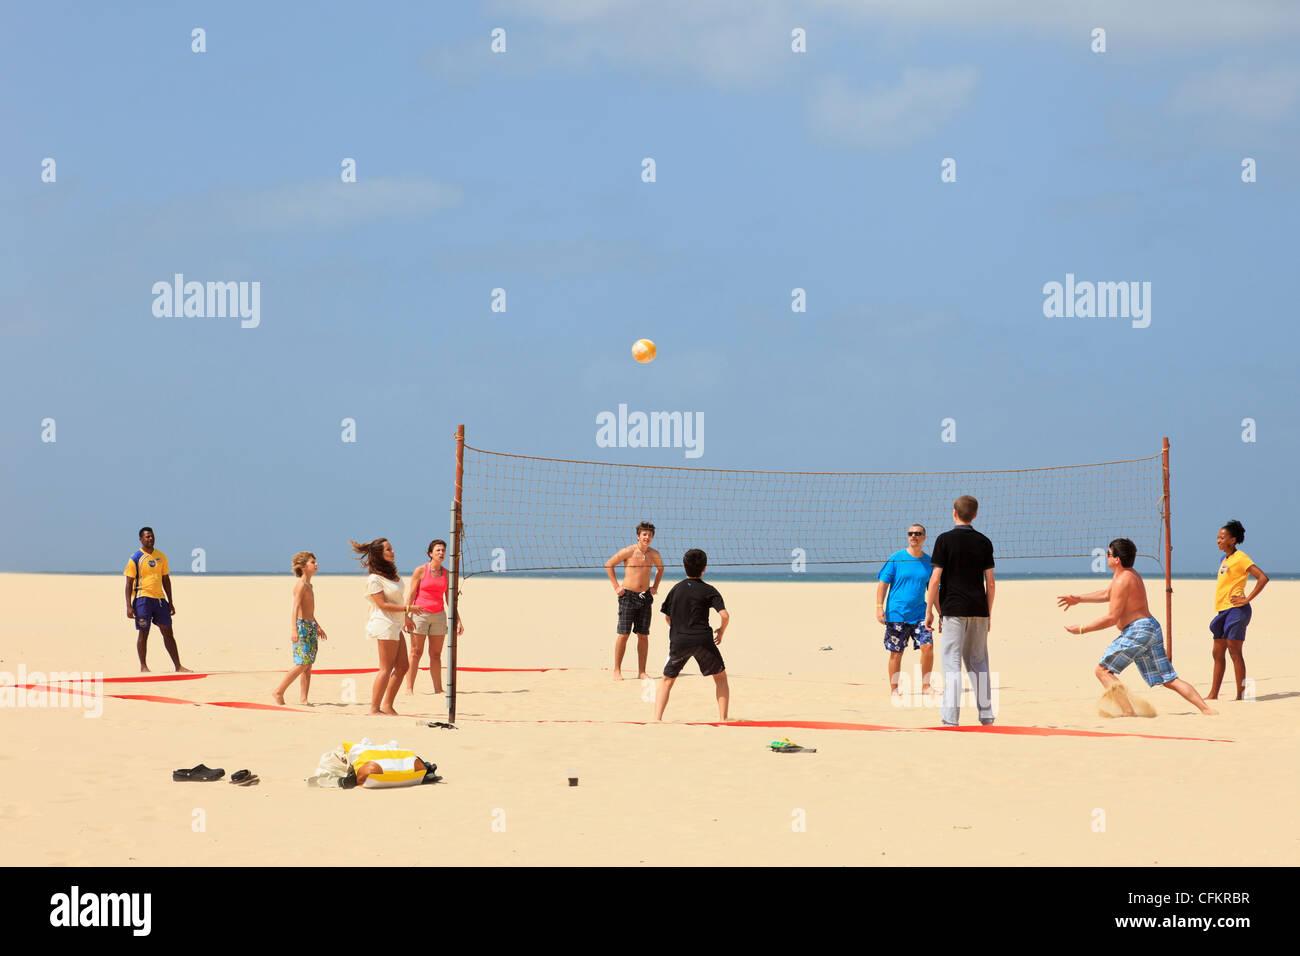 Gruppe von Jugendlichen spielen eine Partie Volleyball am Strand. Praia de Chaves, Insel Boa Vista, Kap Verde Inseln Stockbild